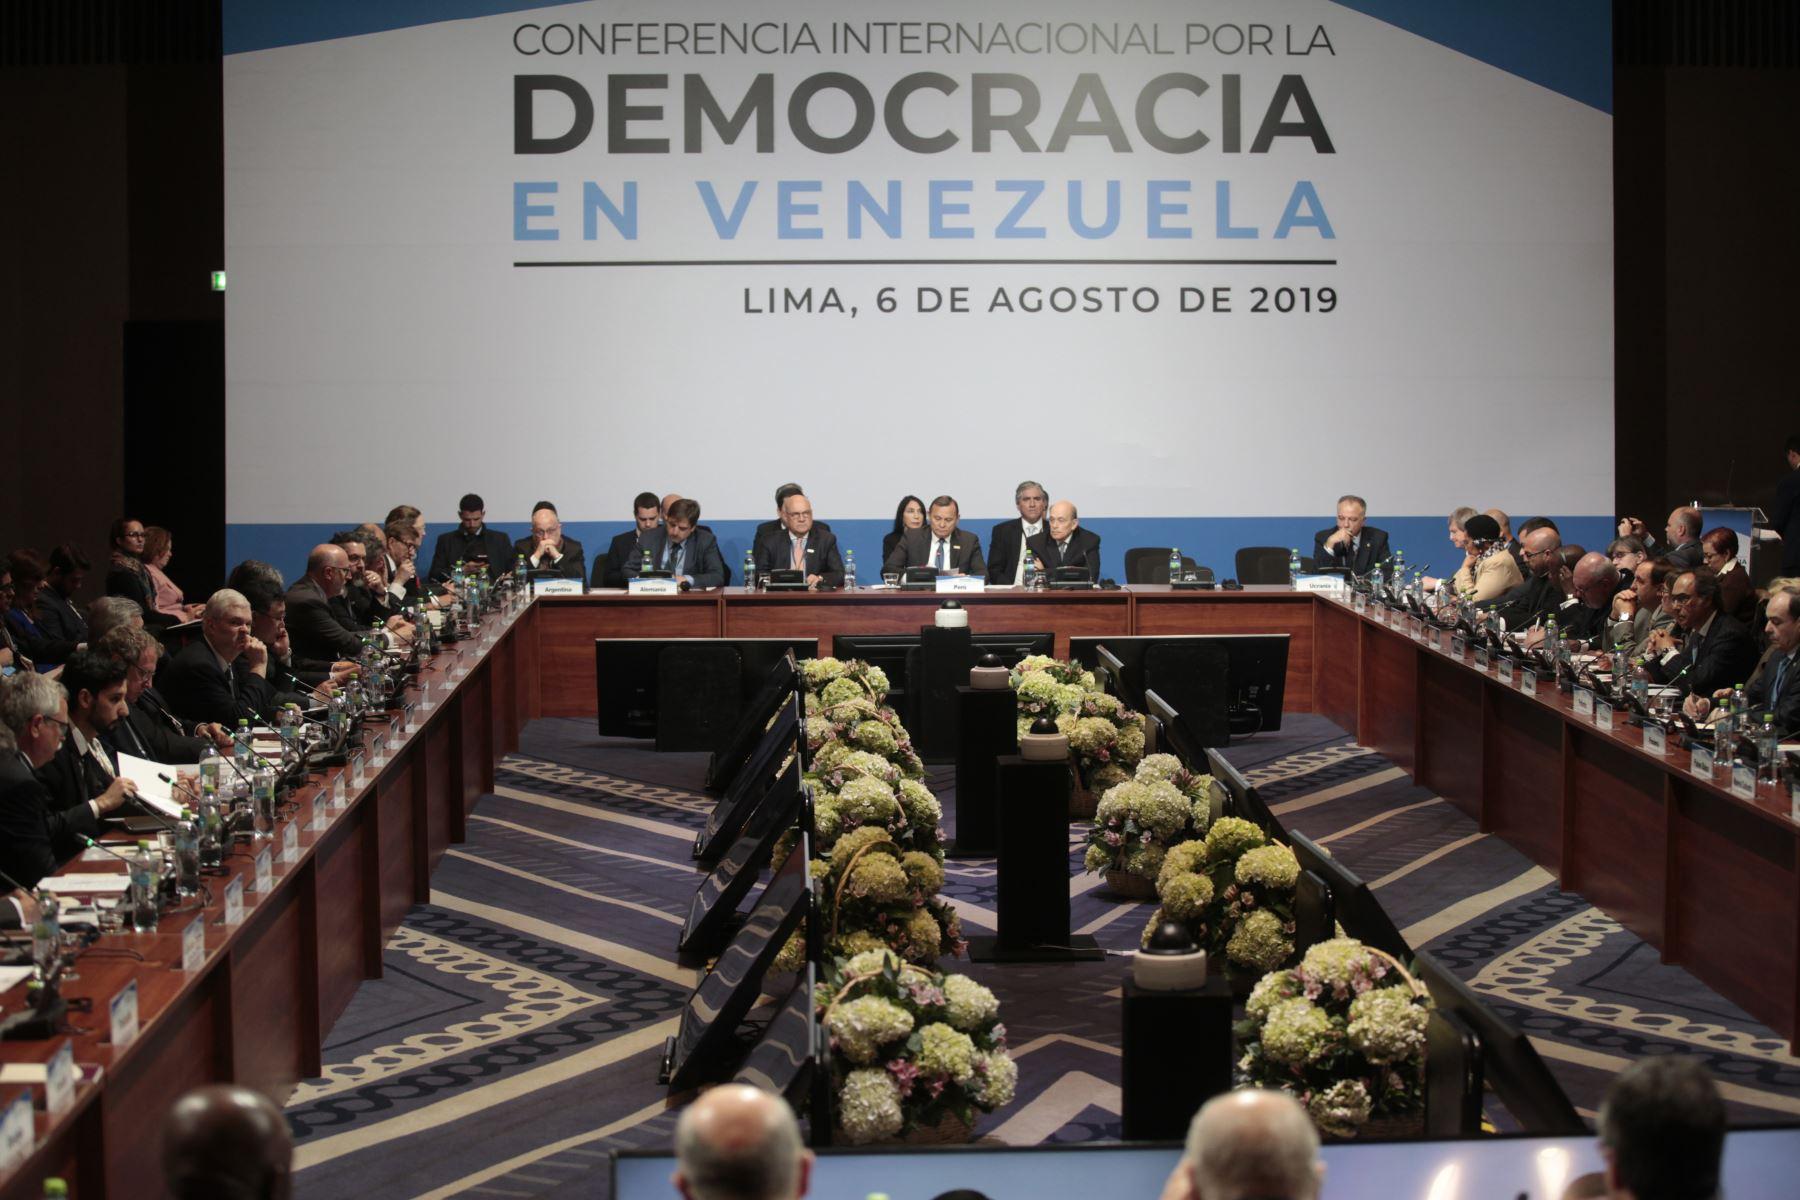 Foto: ANDINA/Miguel Mejía.